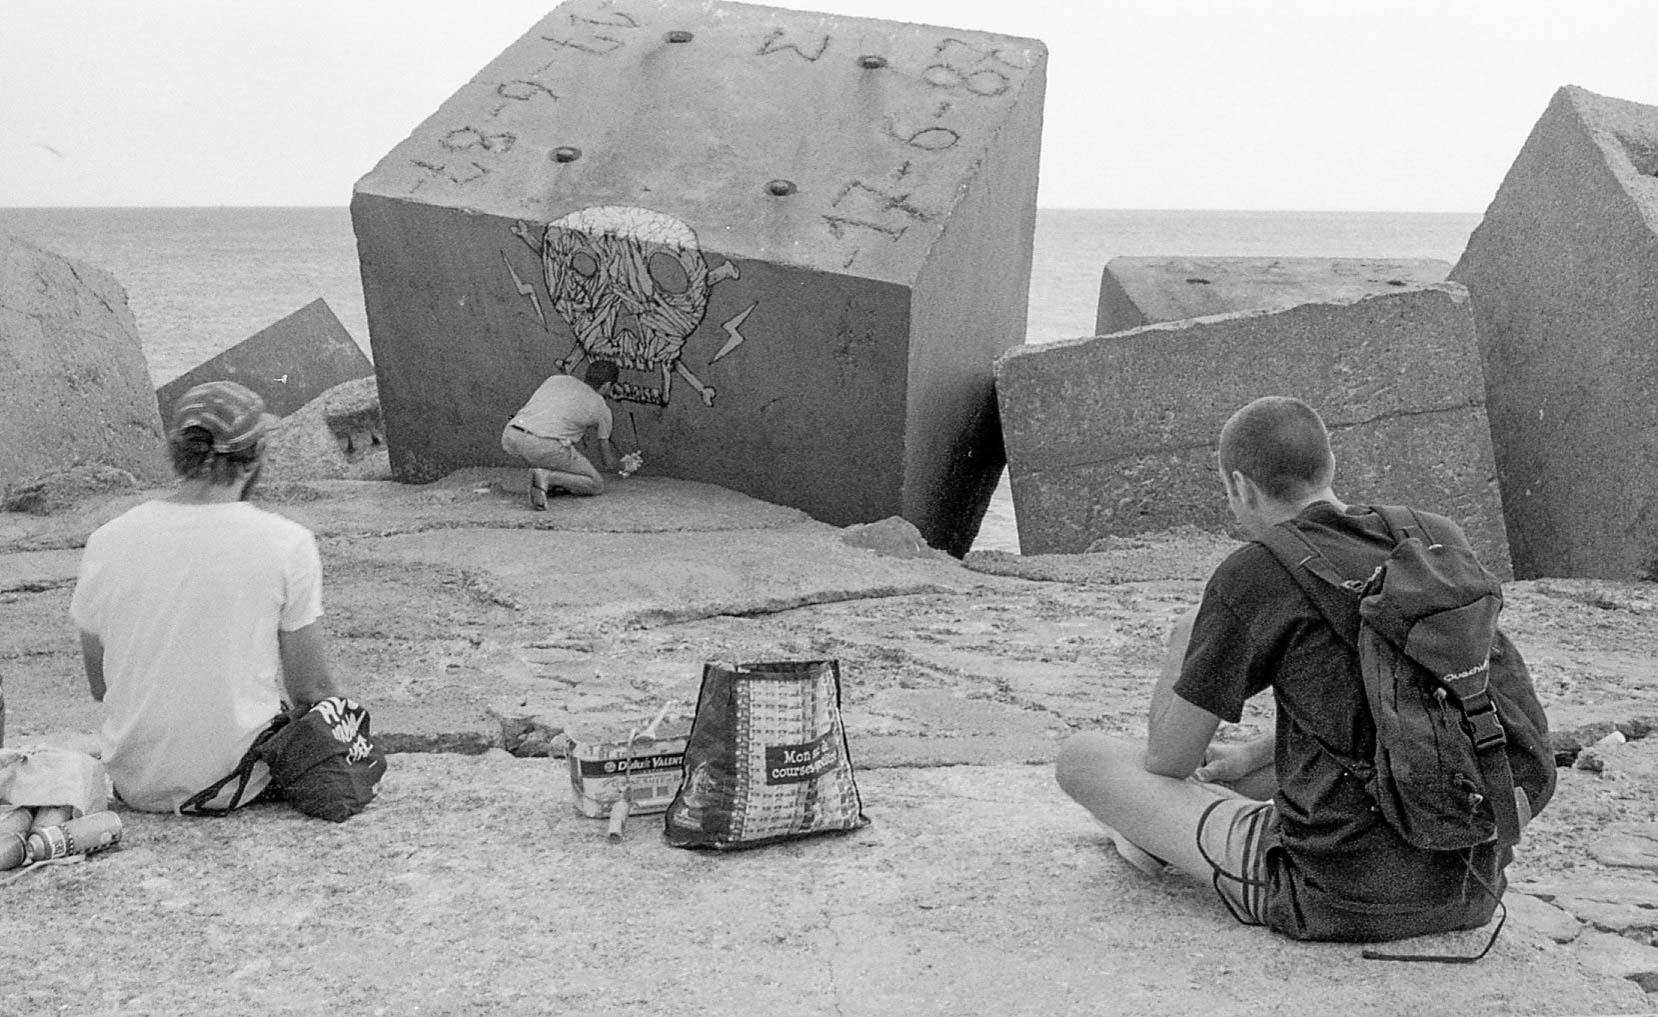 Iretge ulule radar argentique livre projet soutien portraits photographie roadtrip 203 - Coup de pouce RADAR x Ulule : IRETGE